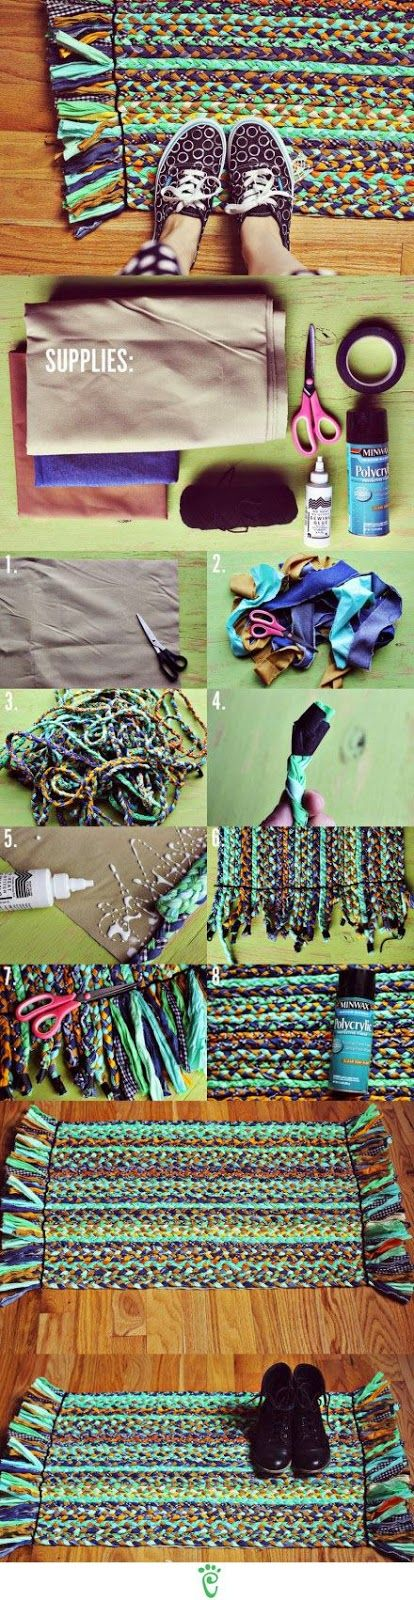 Buongiorno, oggi vi mostro una raccolta di ben 6 tutorial che ci insegneranno come creare dei bellissimi tappeti riciclando le vecchie mag...